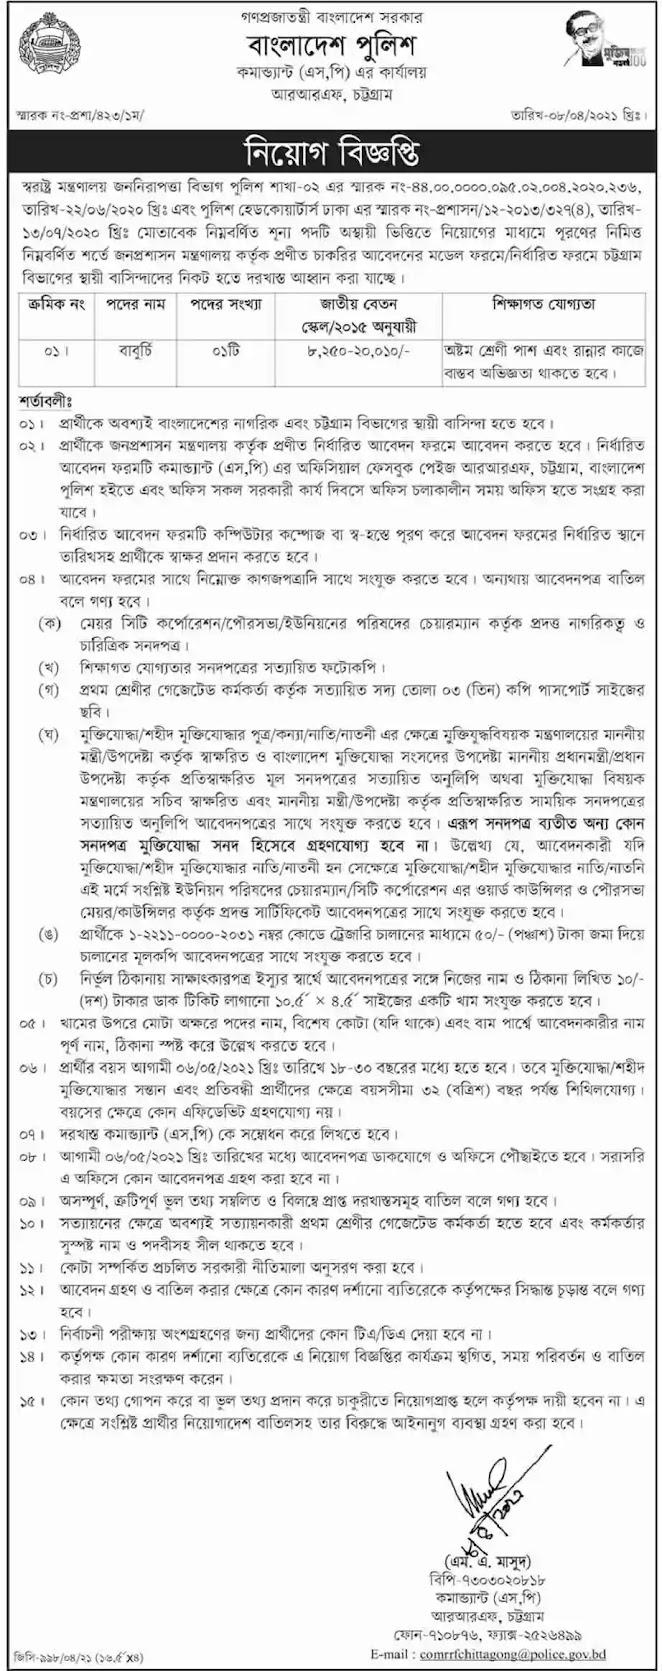 বাংলাদেশ পুলিশ চাকরির পরিপত্র 2021